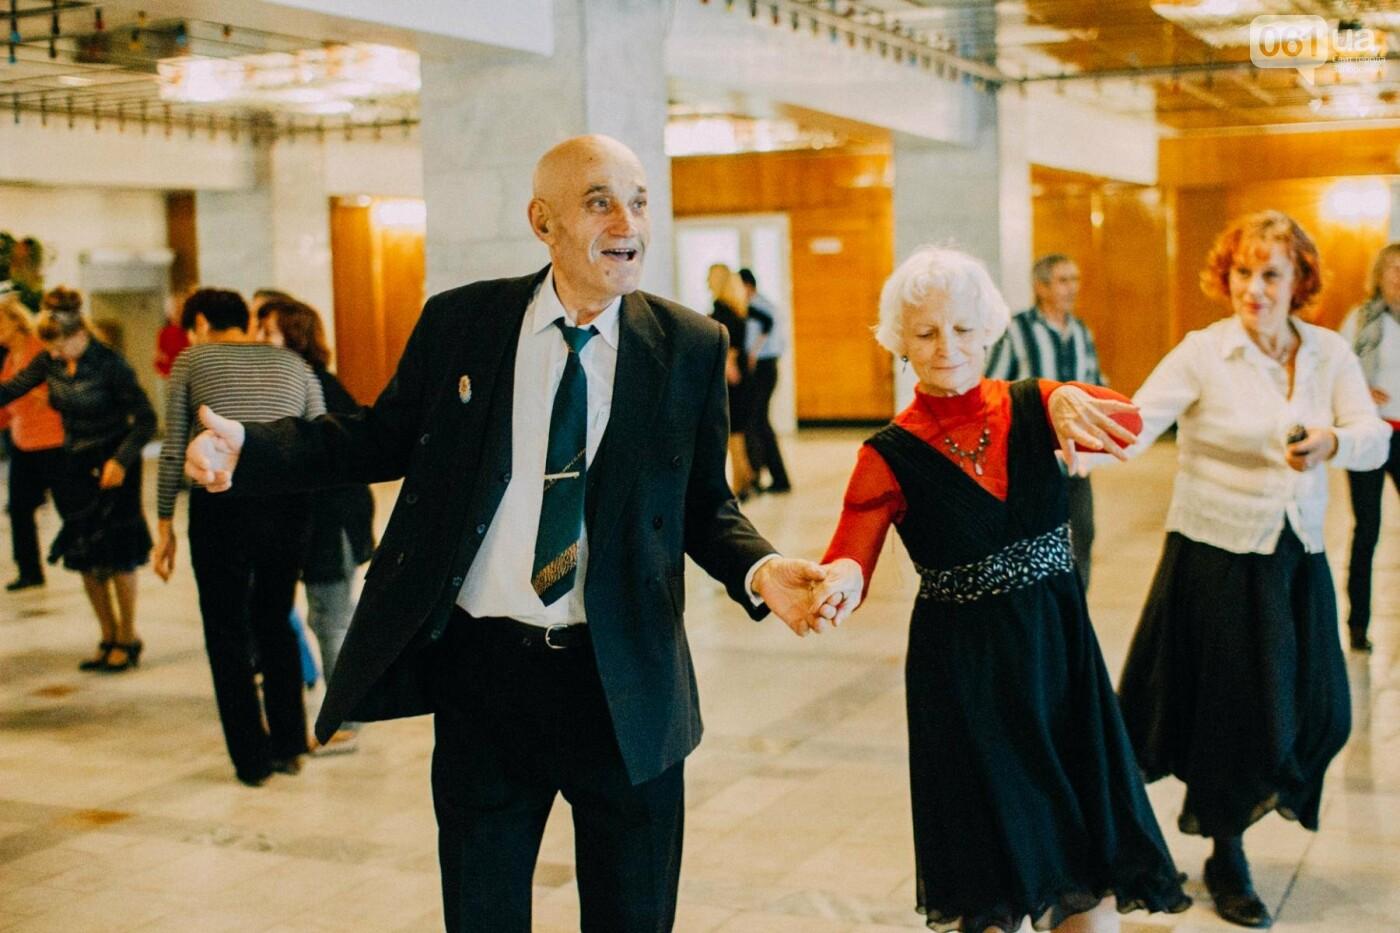 """""""Я ей сказал - до 90 лет будем танцевать!"""": как влюбленные запорожцы нашли друг друга благодаря танцам , фото-10"""